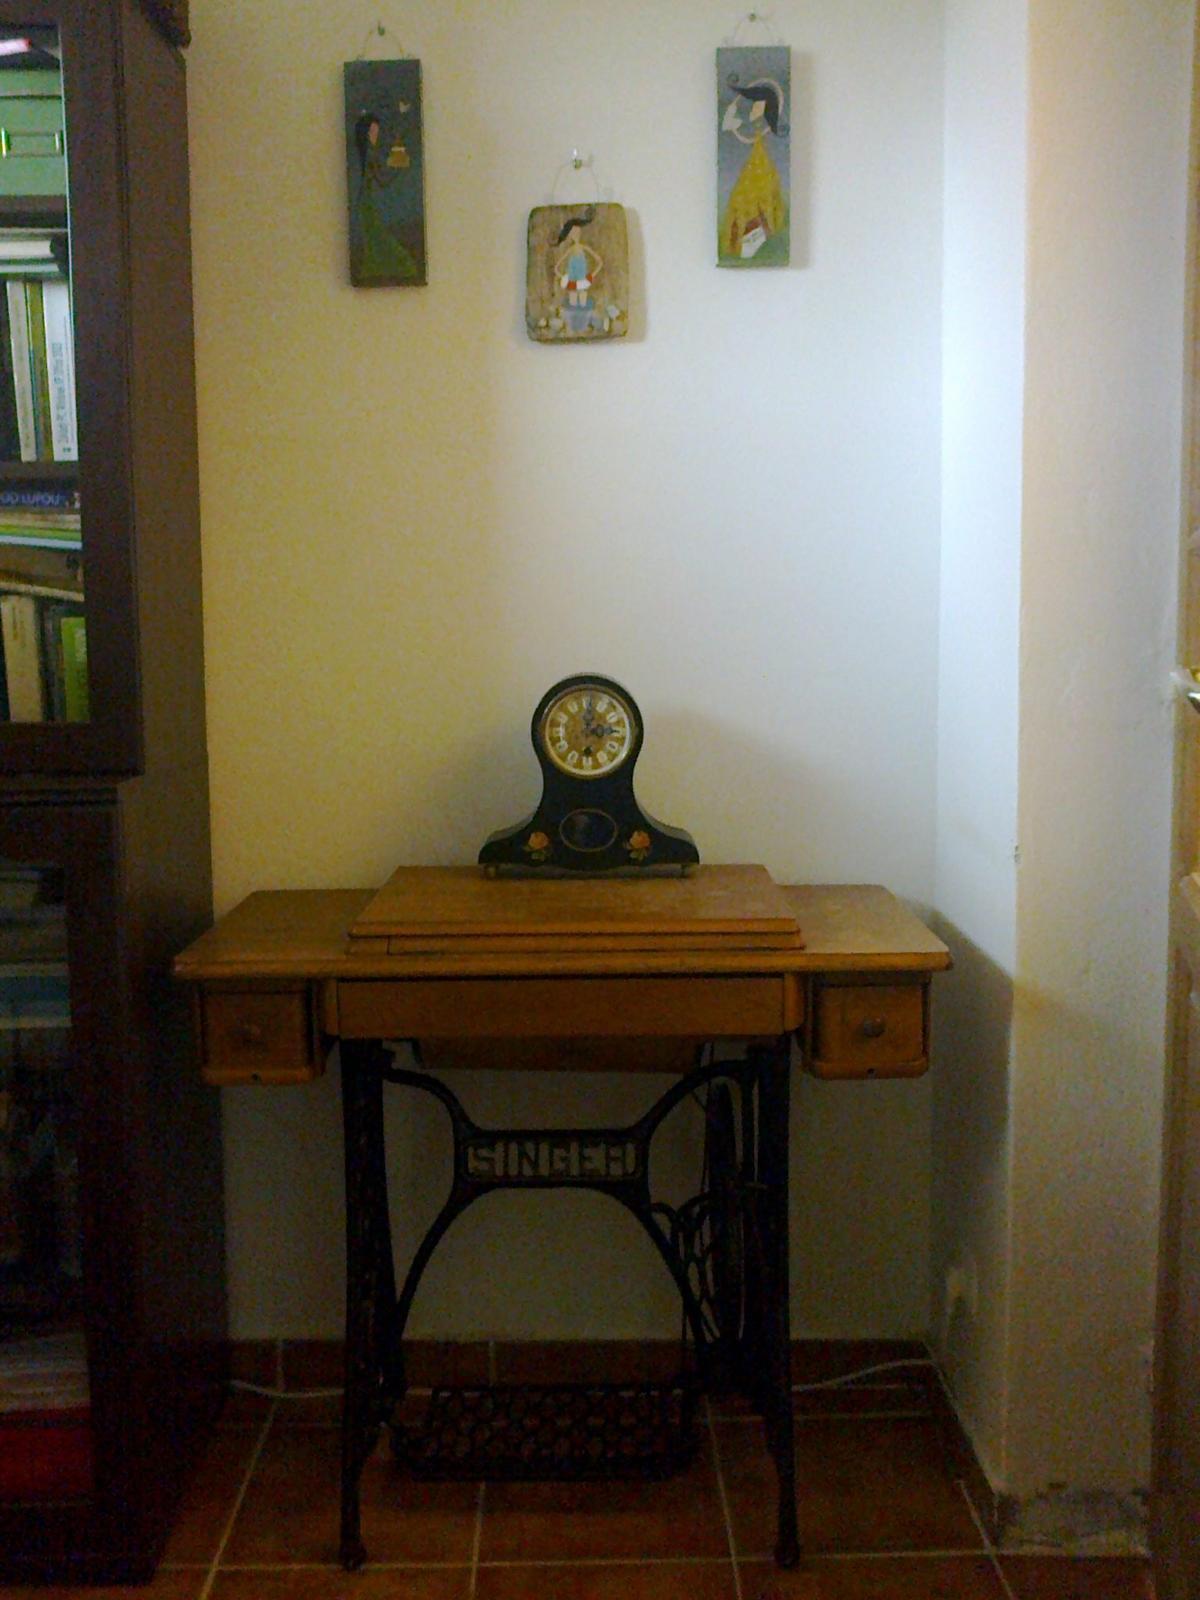 Naše bývanie - Obrázky sú od jednej šikovnej pani, šijací stroj mám na pamiatku po starkej, hodiny som kúpila na burze starožitností v Trenčíne.